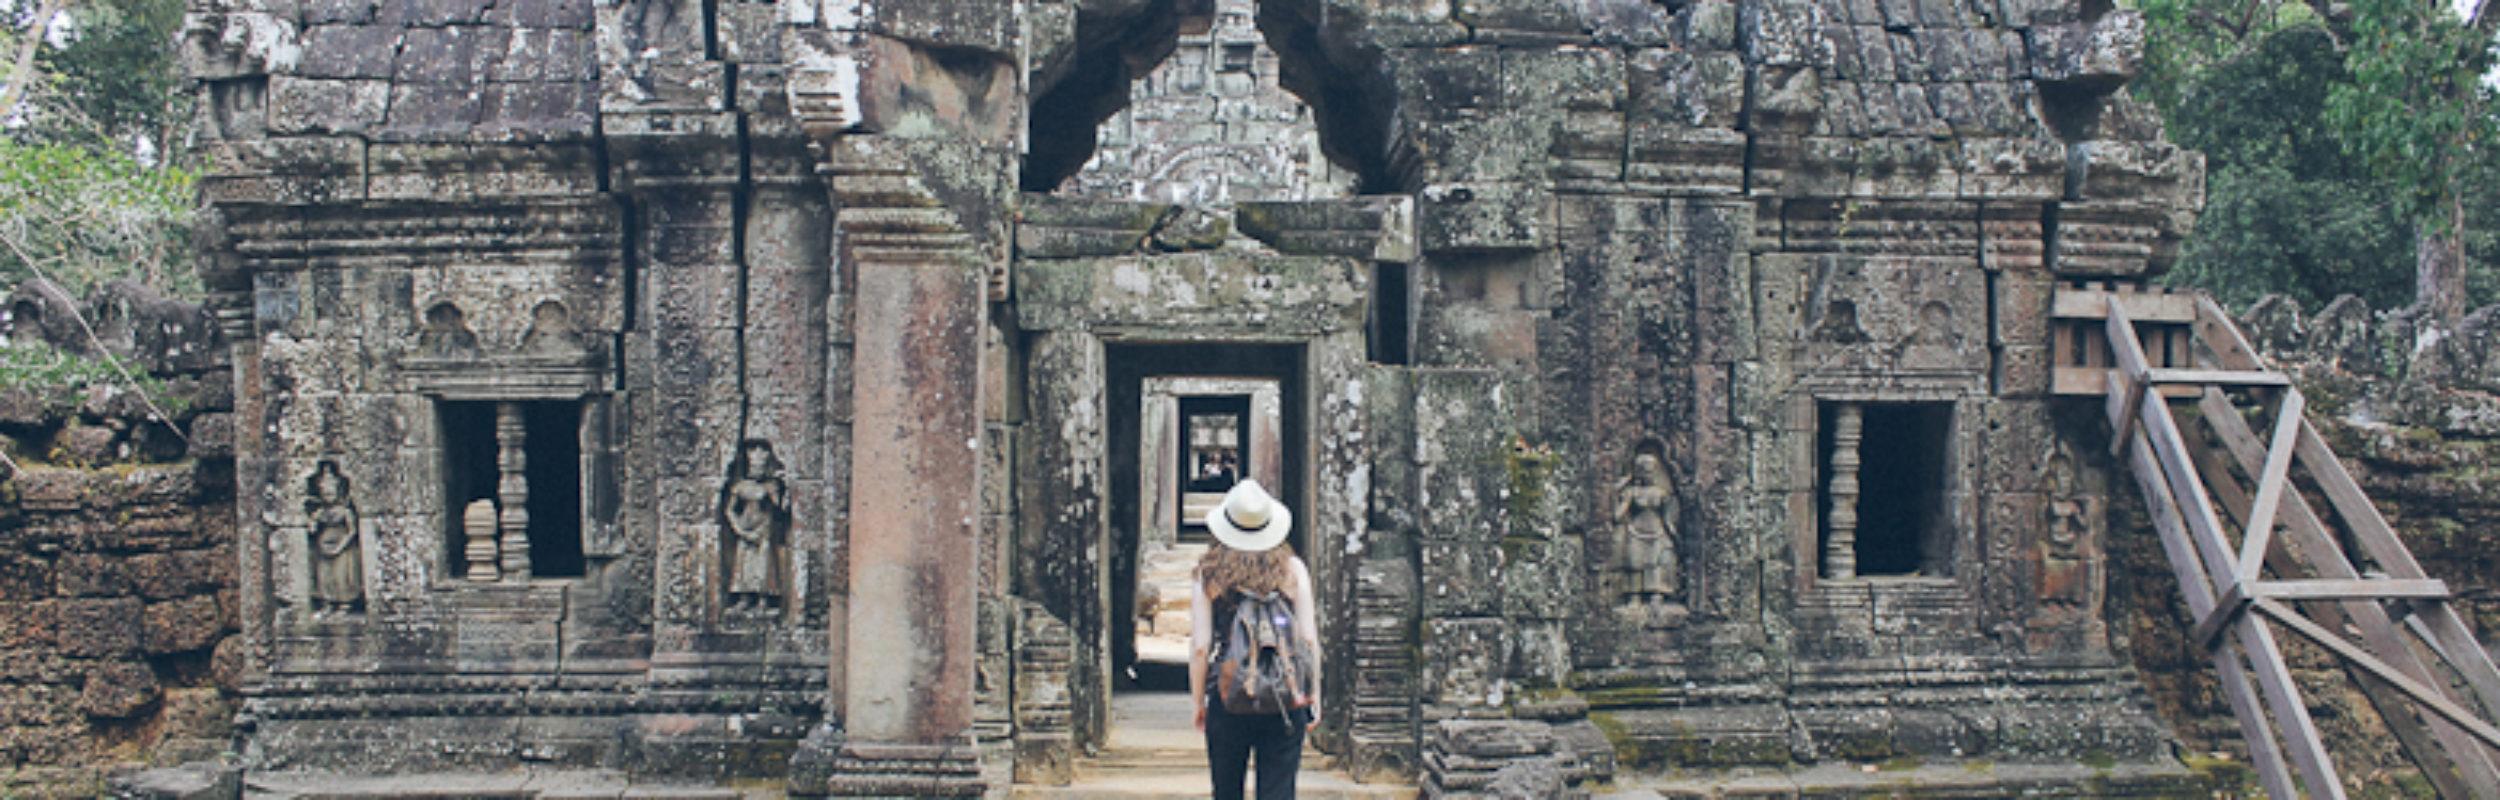 3 jours à Angkor #1 : nos conseils, Preah Khan et coucher de soleil sur Angkor Vat